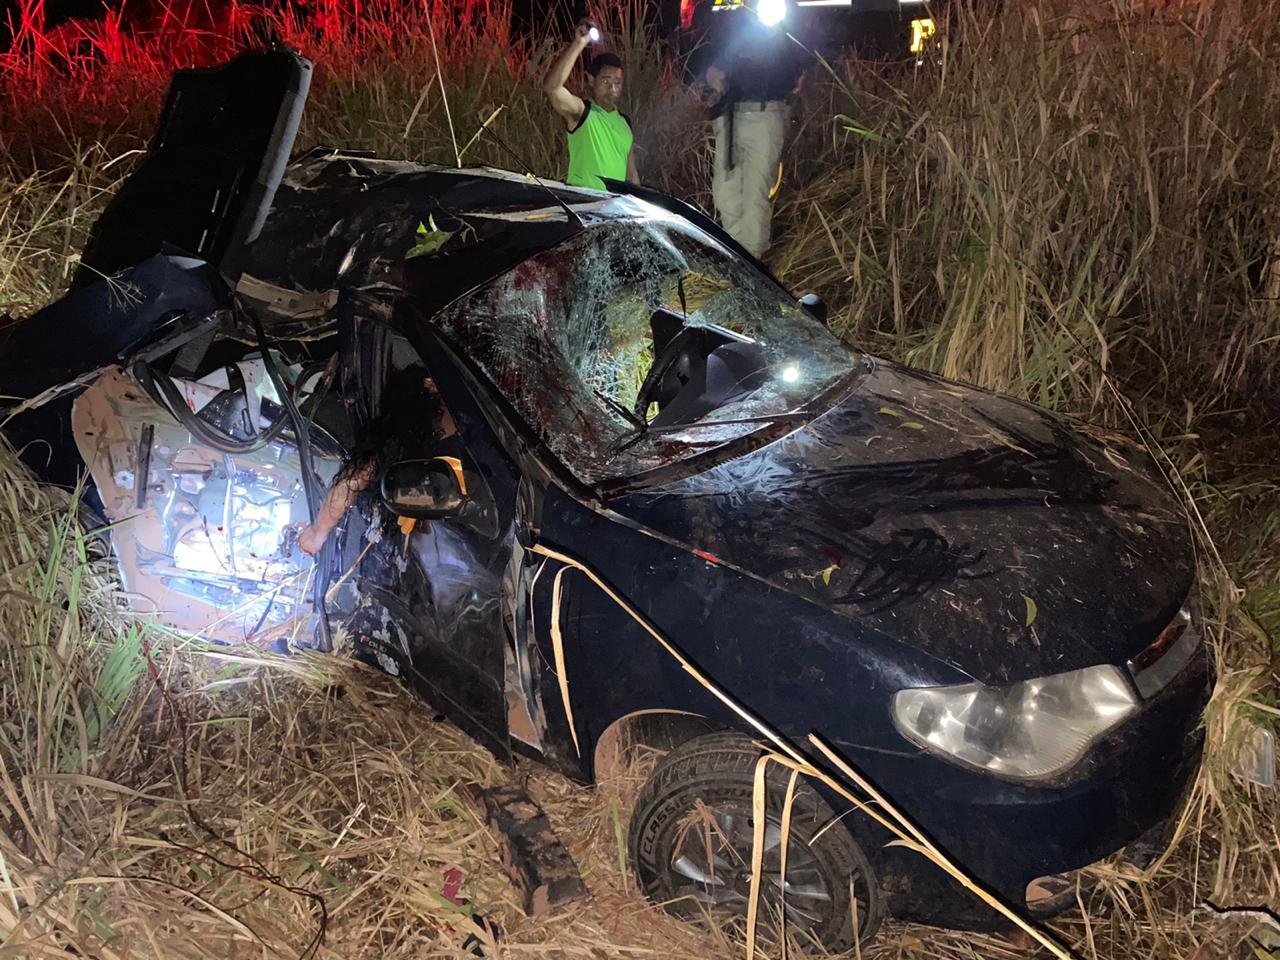 Carro bate em árvore e mata mulher no interior do Maranhão